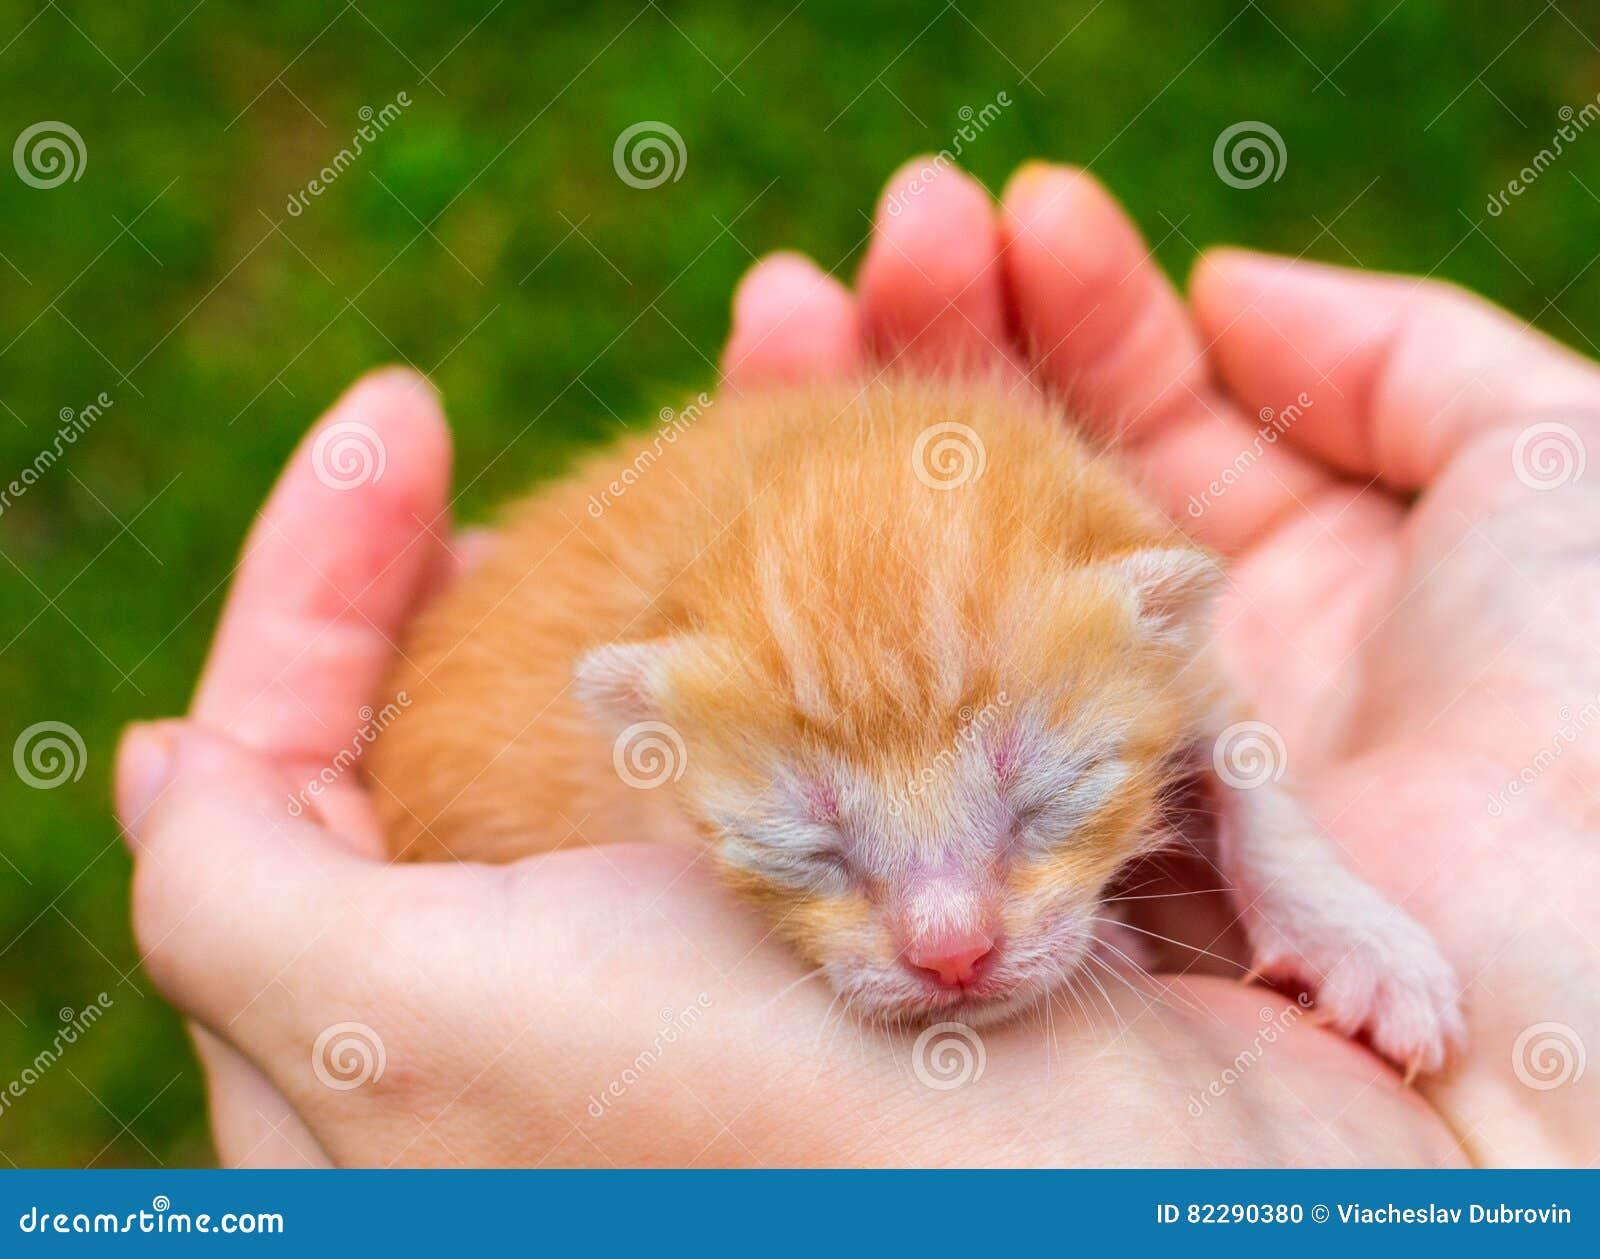 Foto linda del cierre del gato del bebé Gatito precioso que duerme en manos